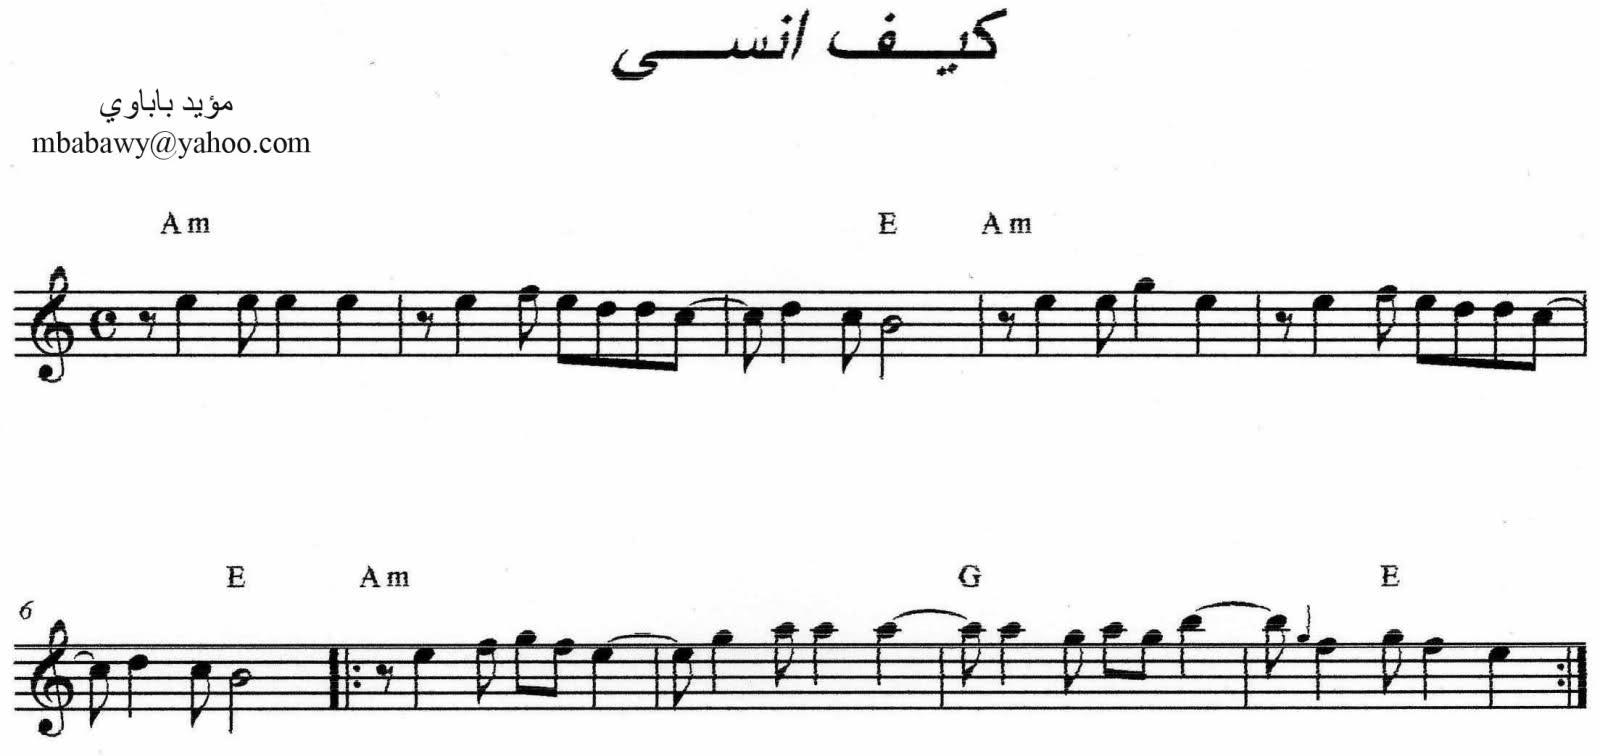 نوتة ترانيم - إهداء صديق الموقع مؤيد باباوي Jr2tdd